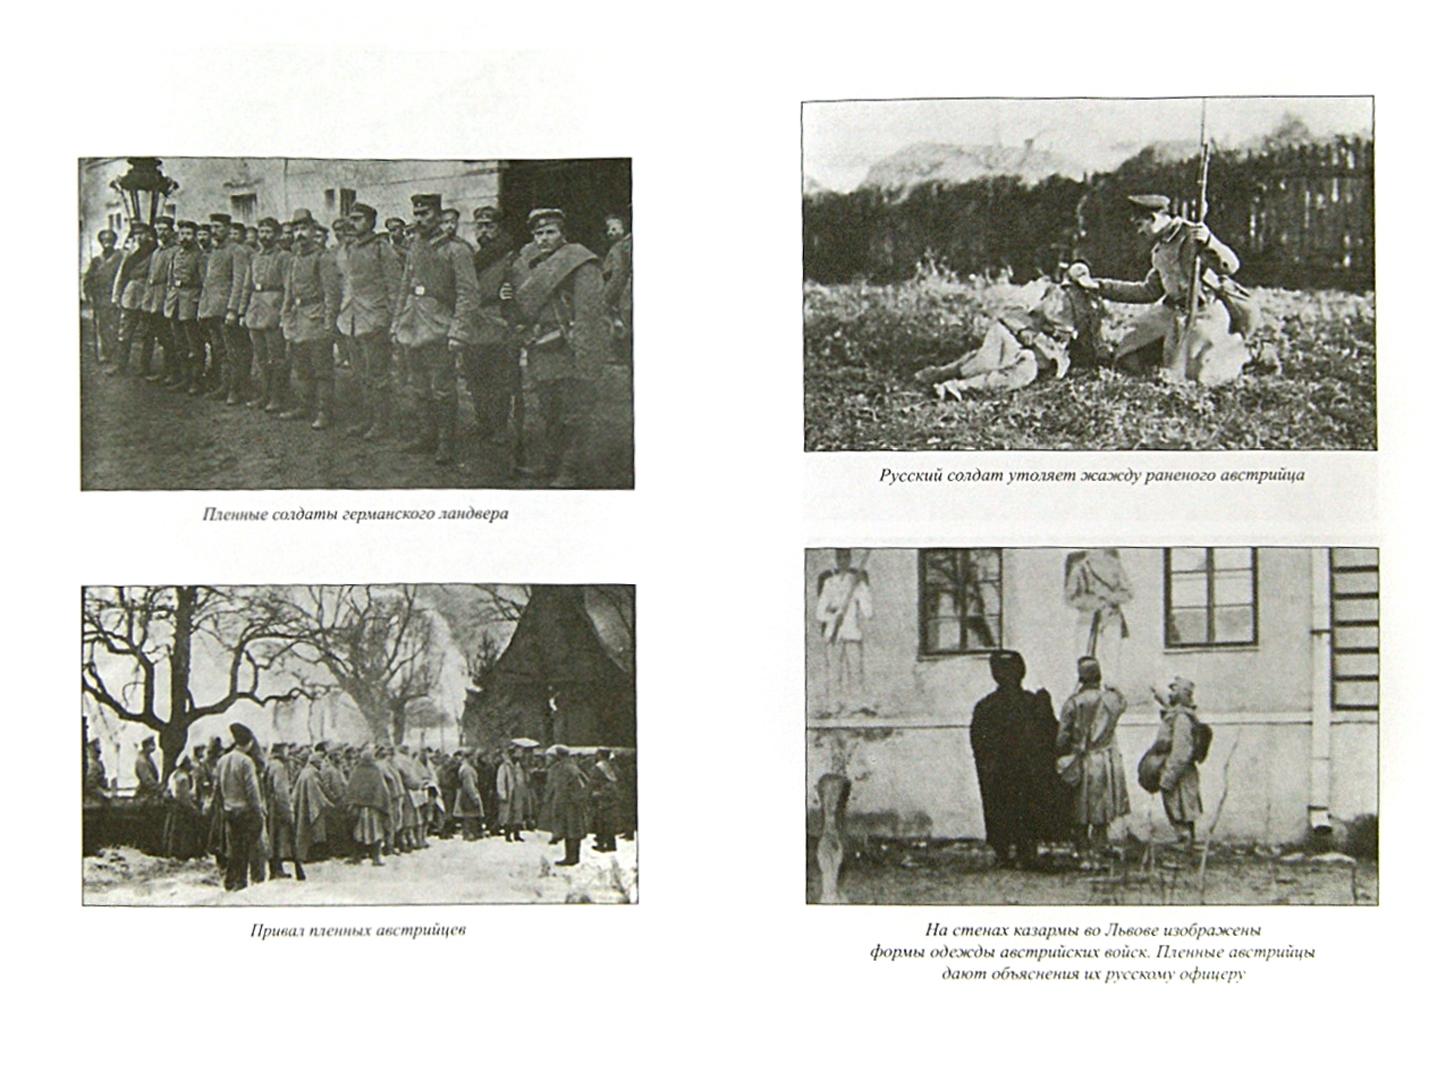 Иллюстрация 1 из 18 для Неизвестные трагедии Первой мировой - Максим Оськин | Лабиринт - книги. Источник: Лабиринт